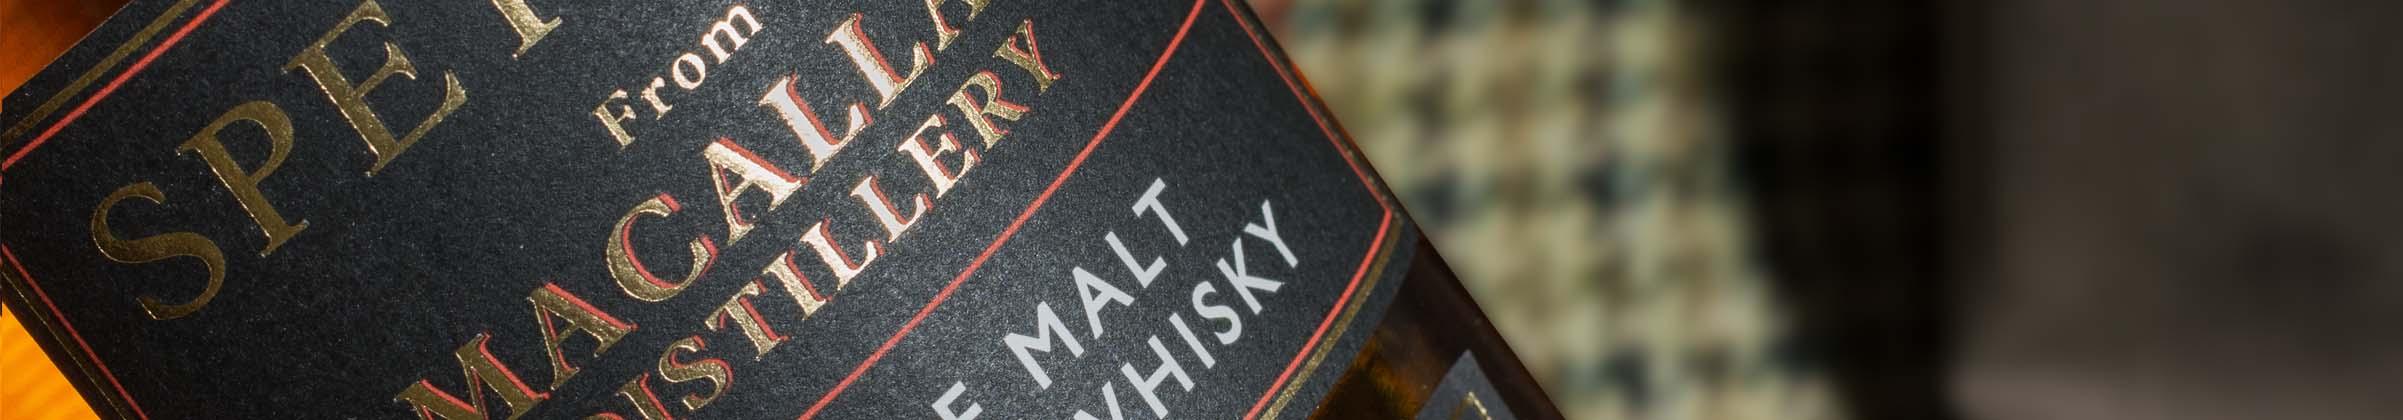 Speyside Whisky